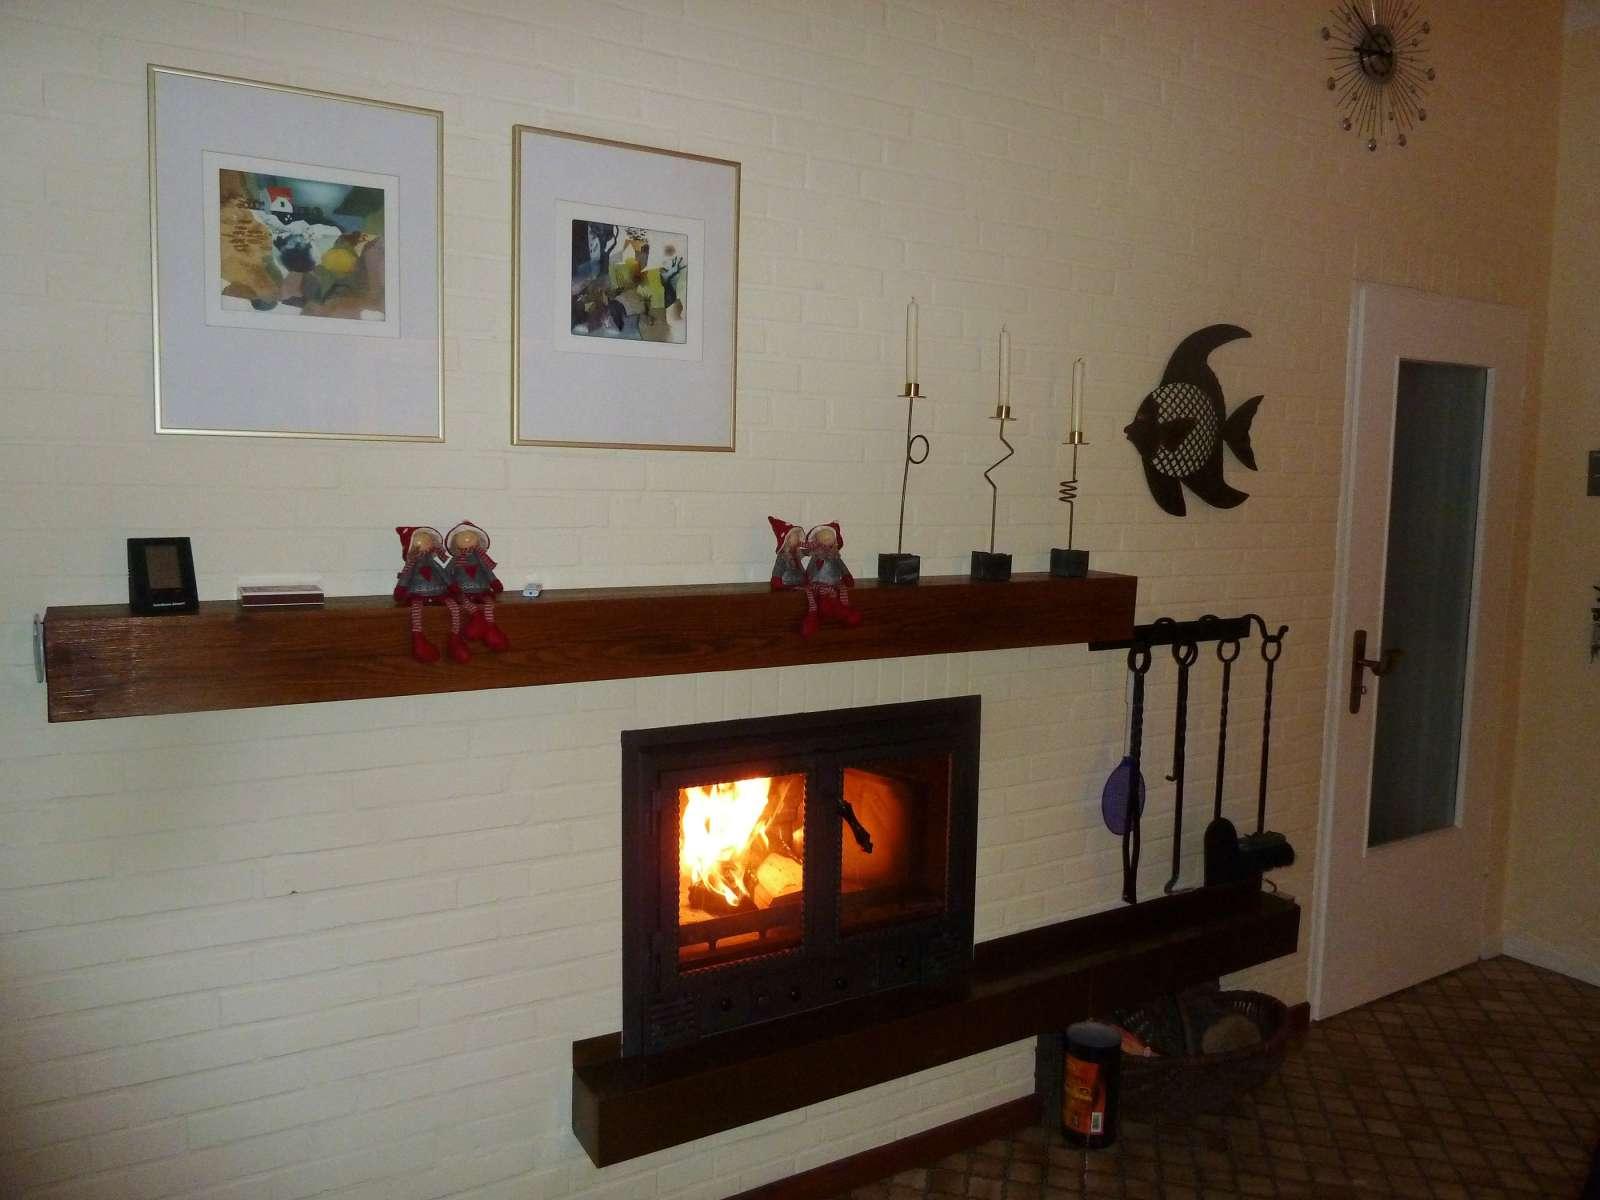 Helles Wohnzimmer mit Kamin im Ferienhaus Kolks Huus Besanweg 9 in Neuharlingersiel